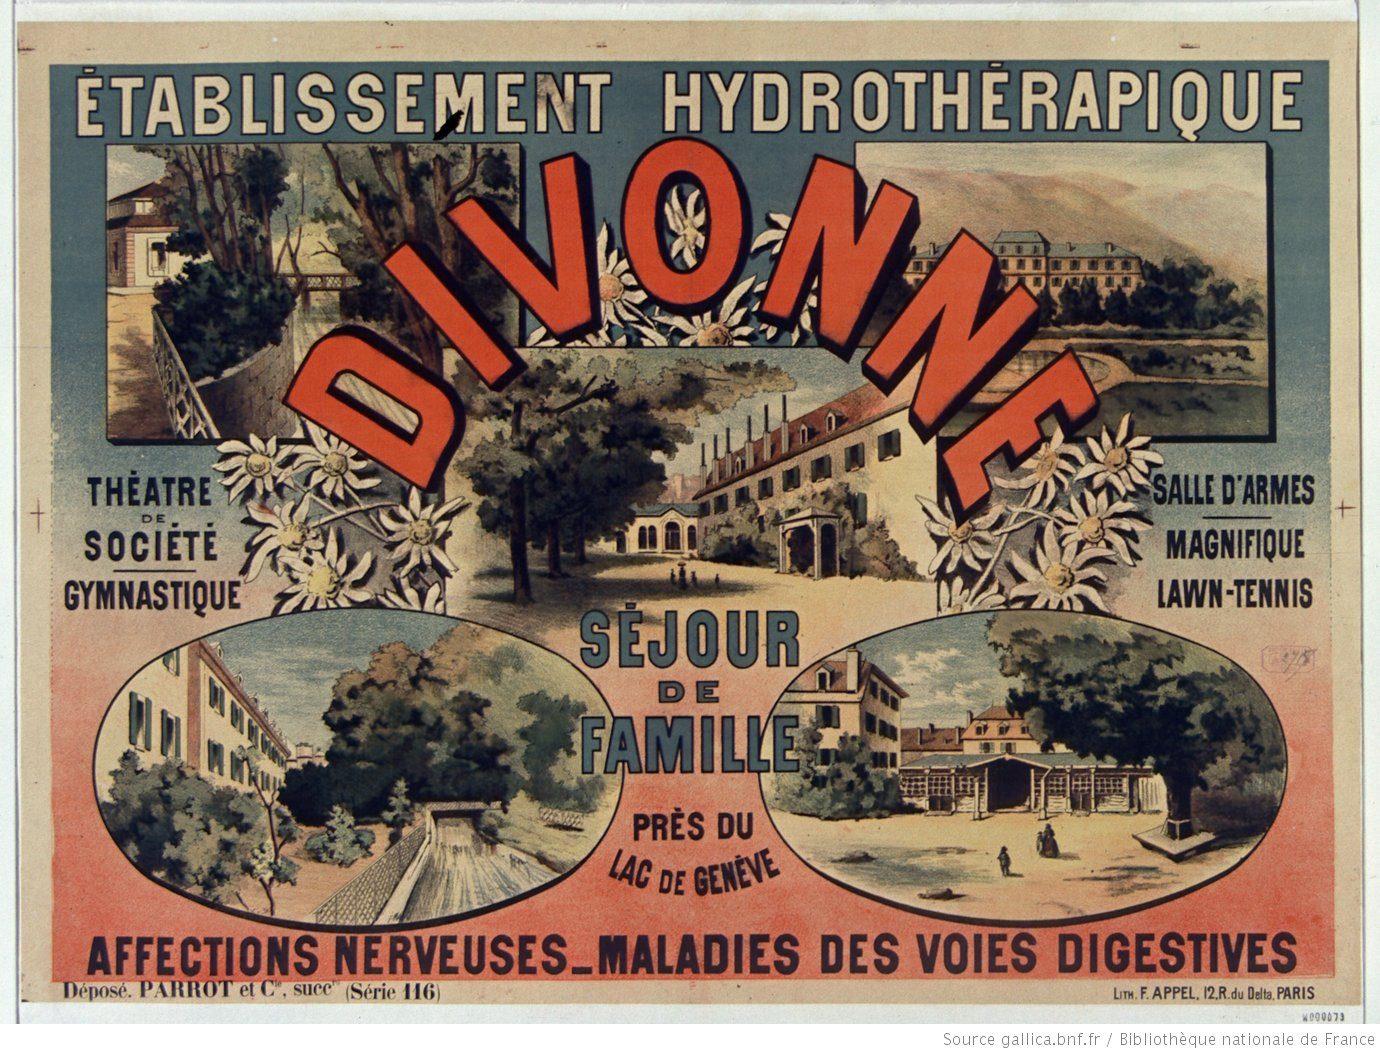 Tour de France, archives, généalogie, Ain, Gallica